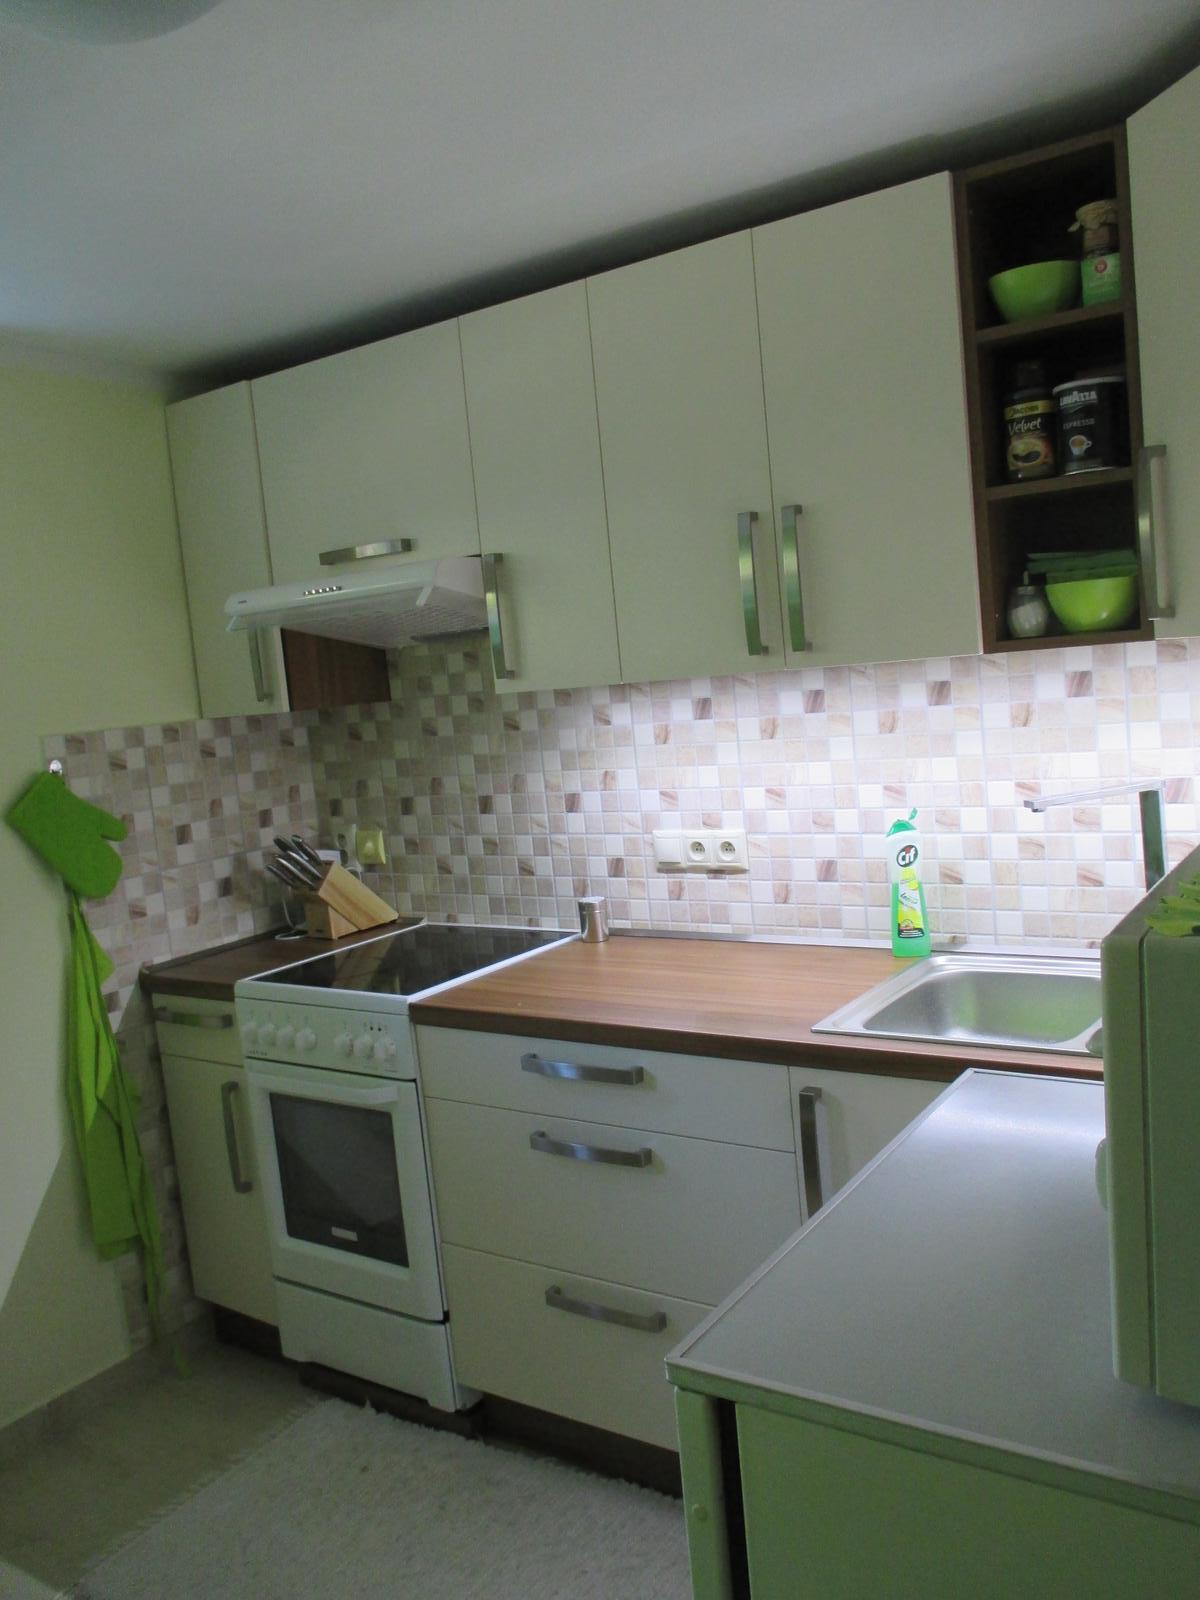 Realizácie kuchyne  - stolárstvo Valuška - kuchynská linka robená do rodinného domu- kombinácia jasmín a orech dijon - obr.2